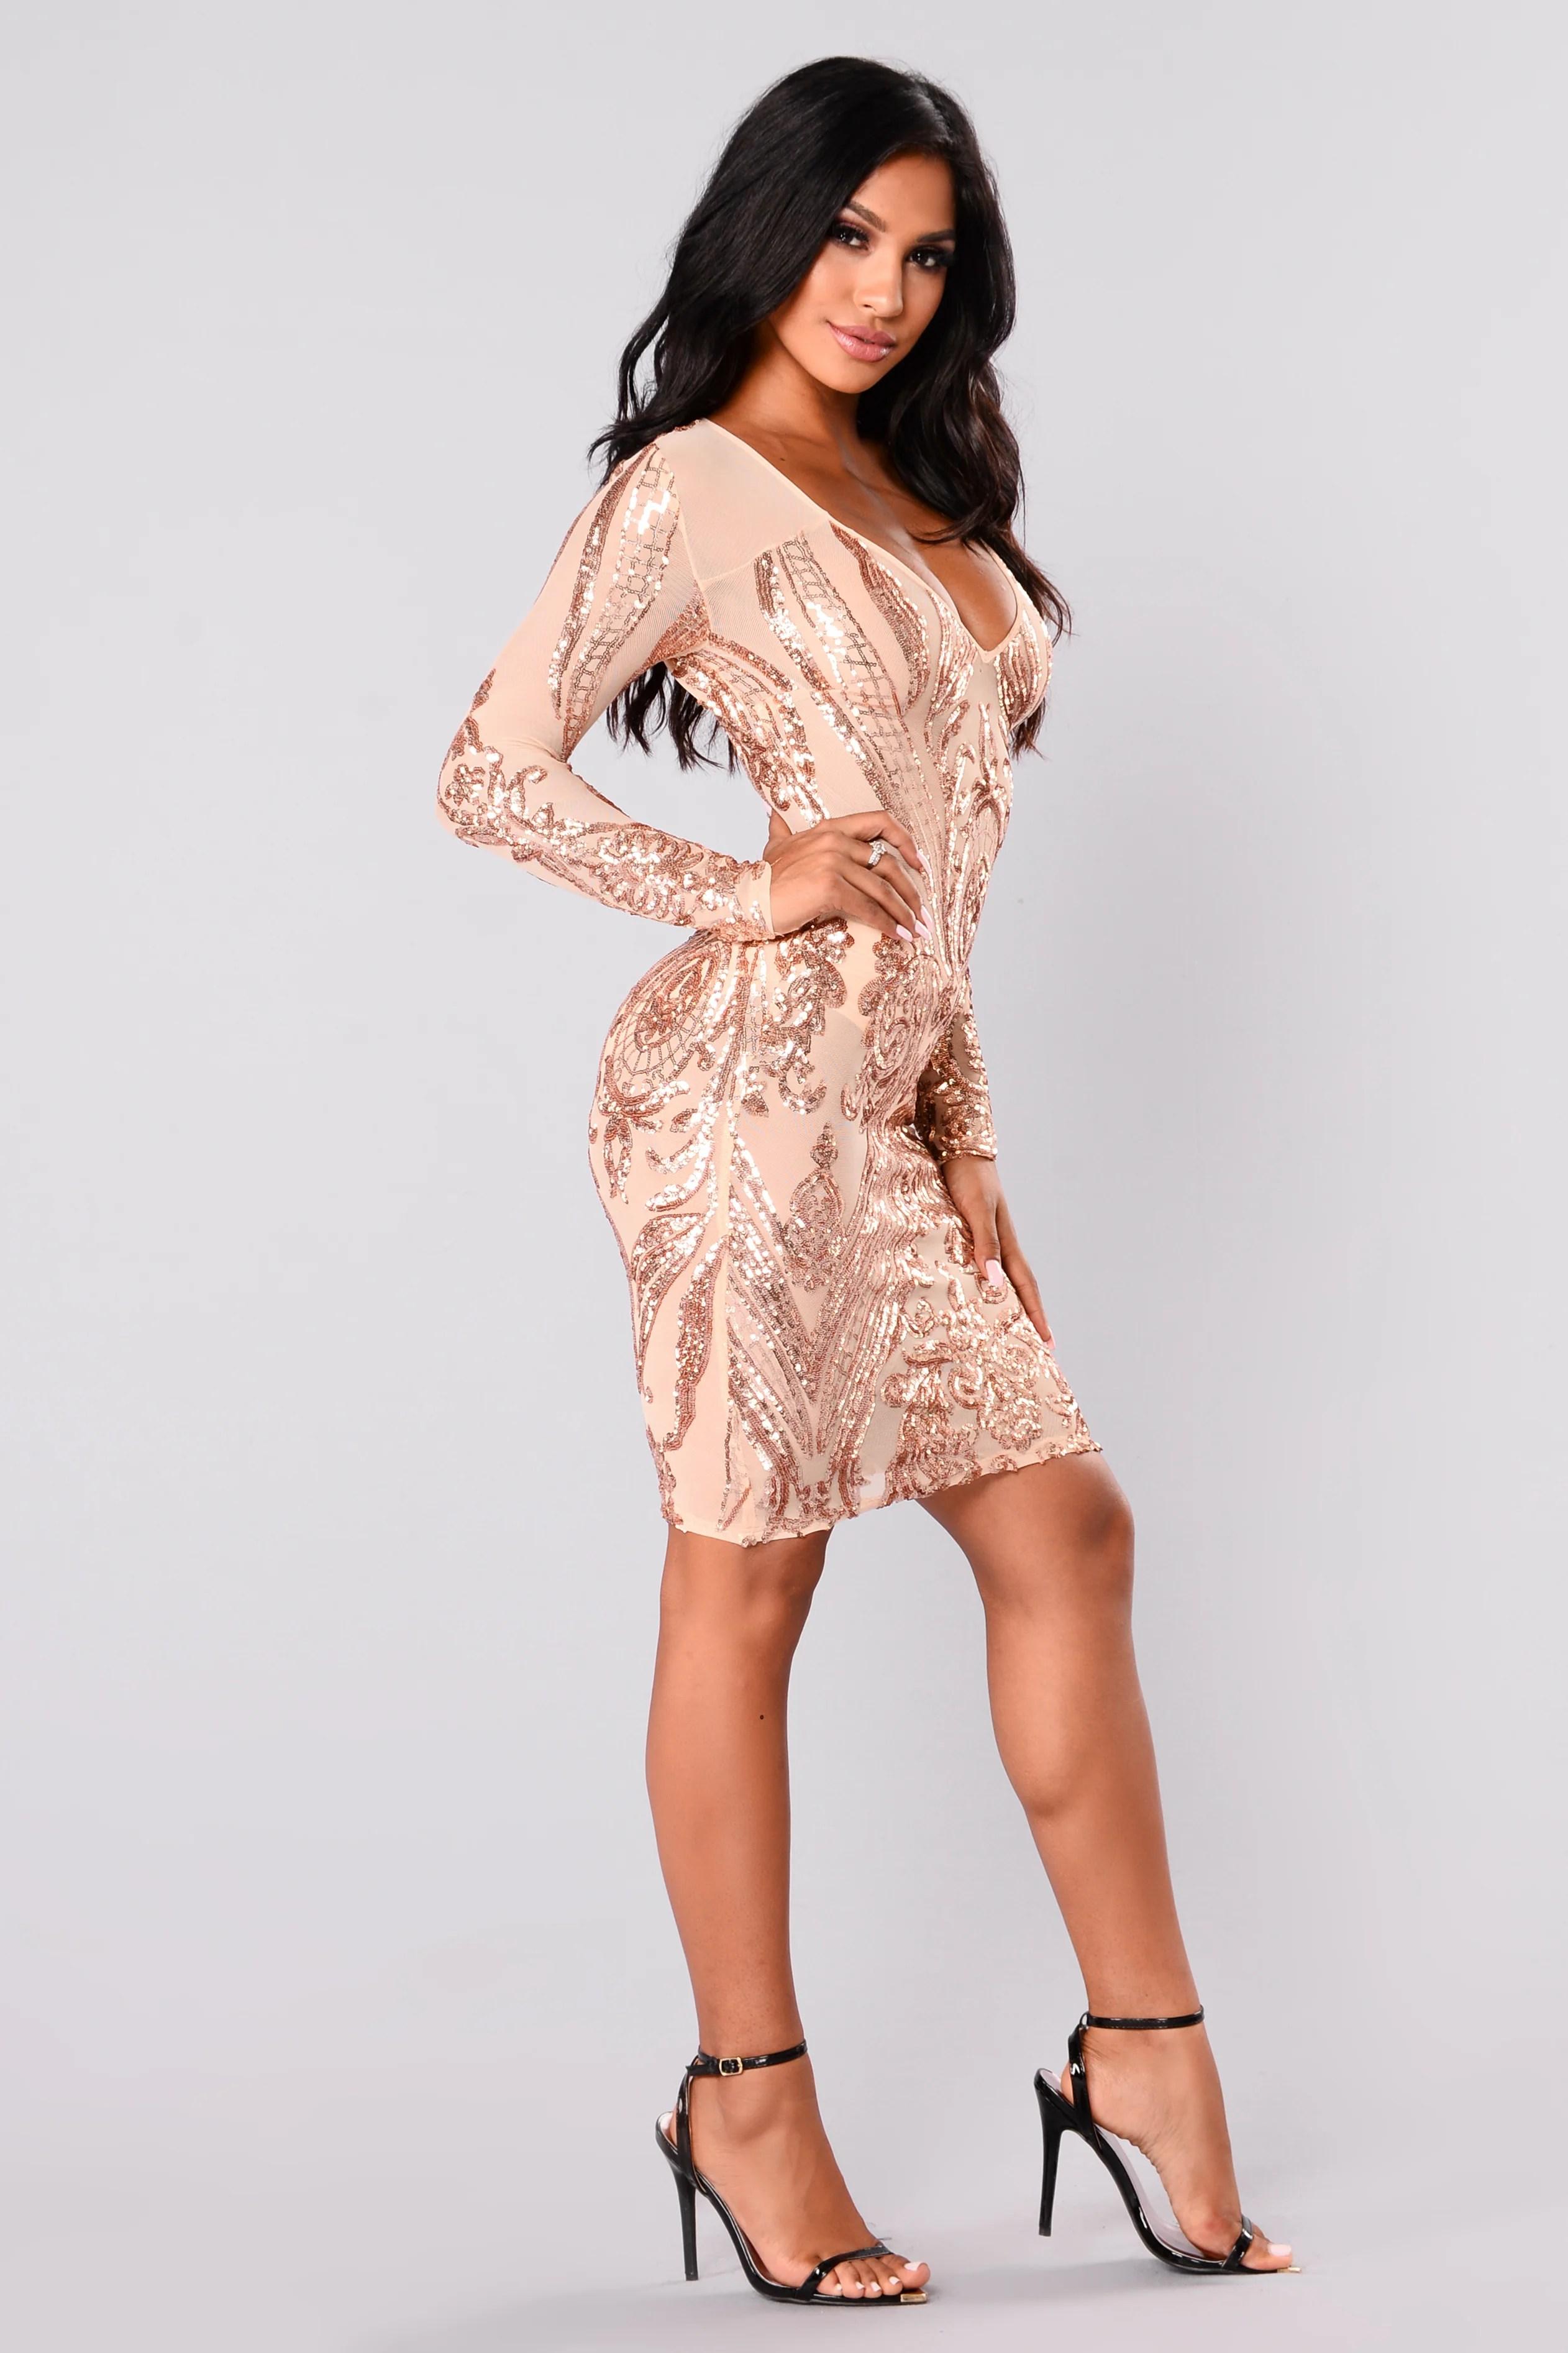 Fullsize Of Rose Gold Sequin Dress